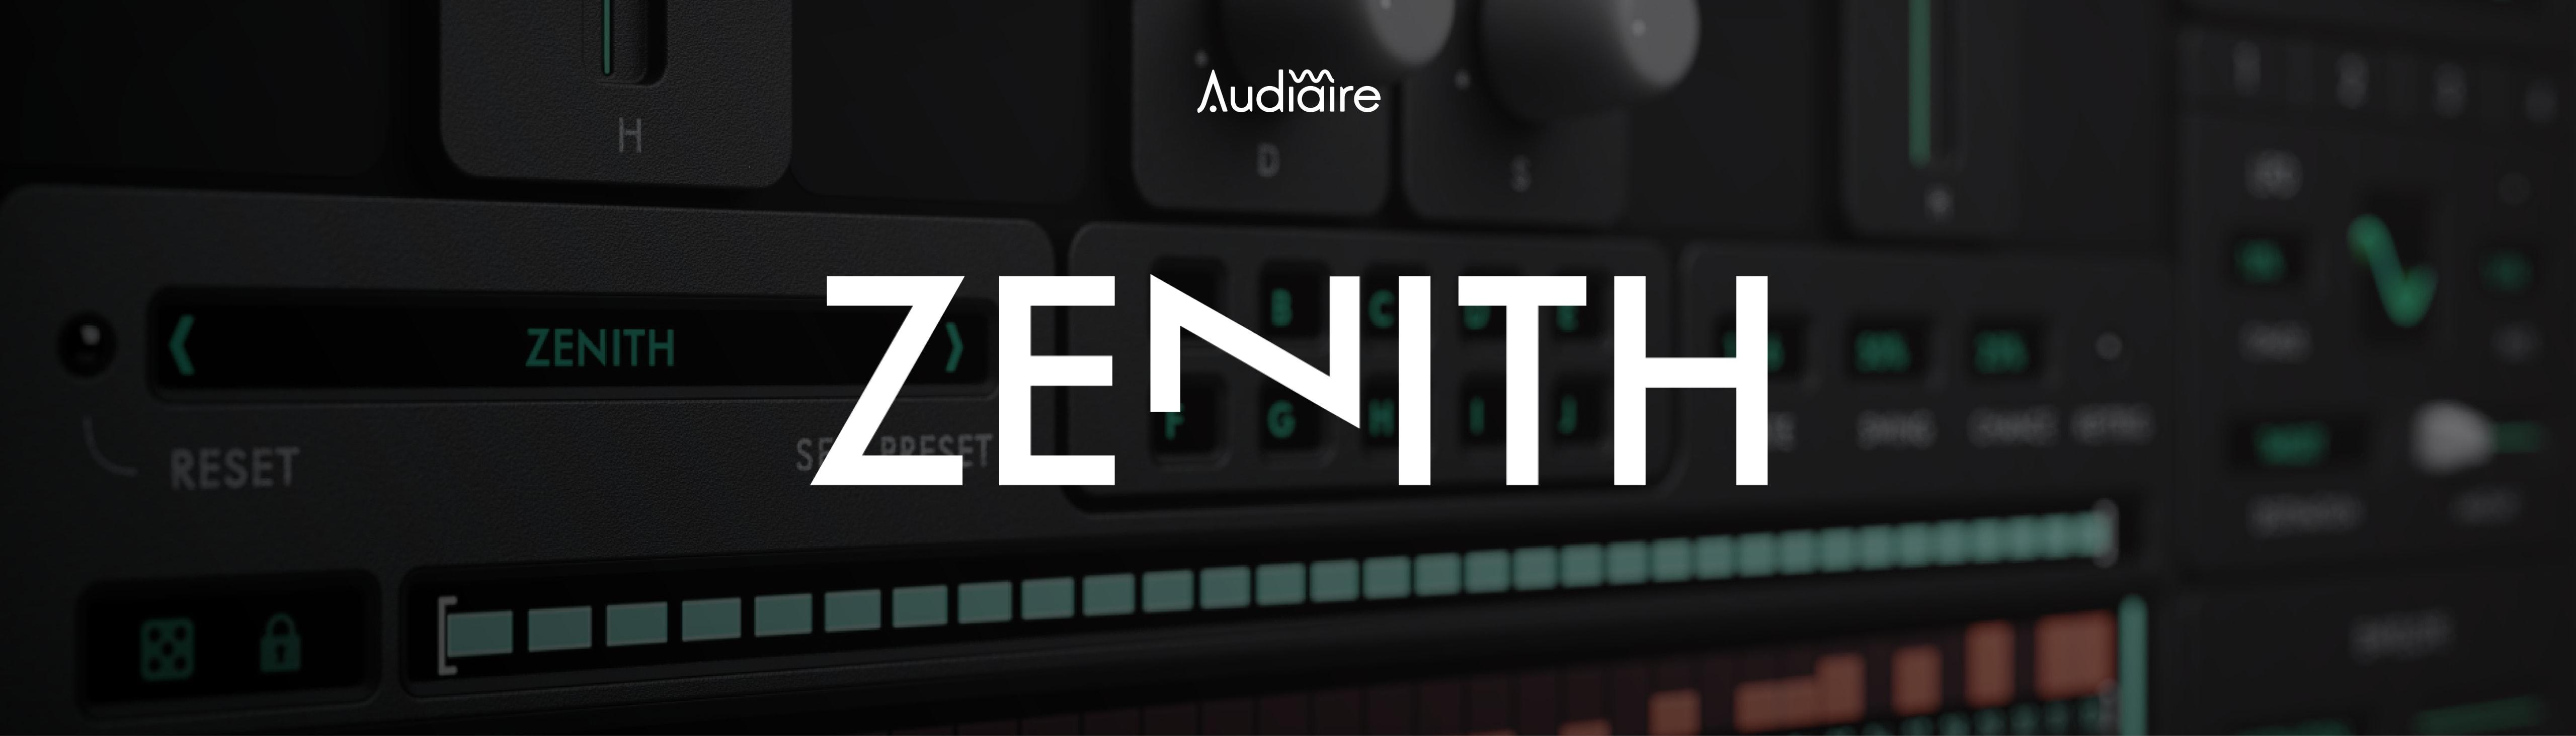 Audiaire Zenith